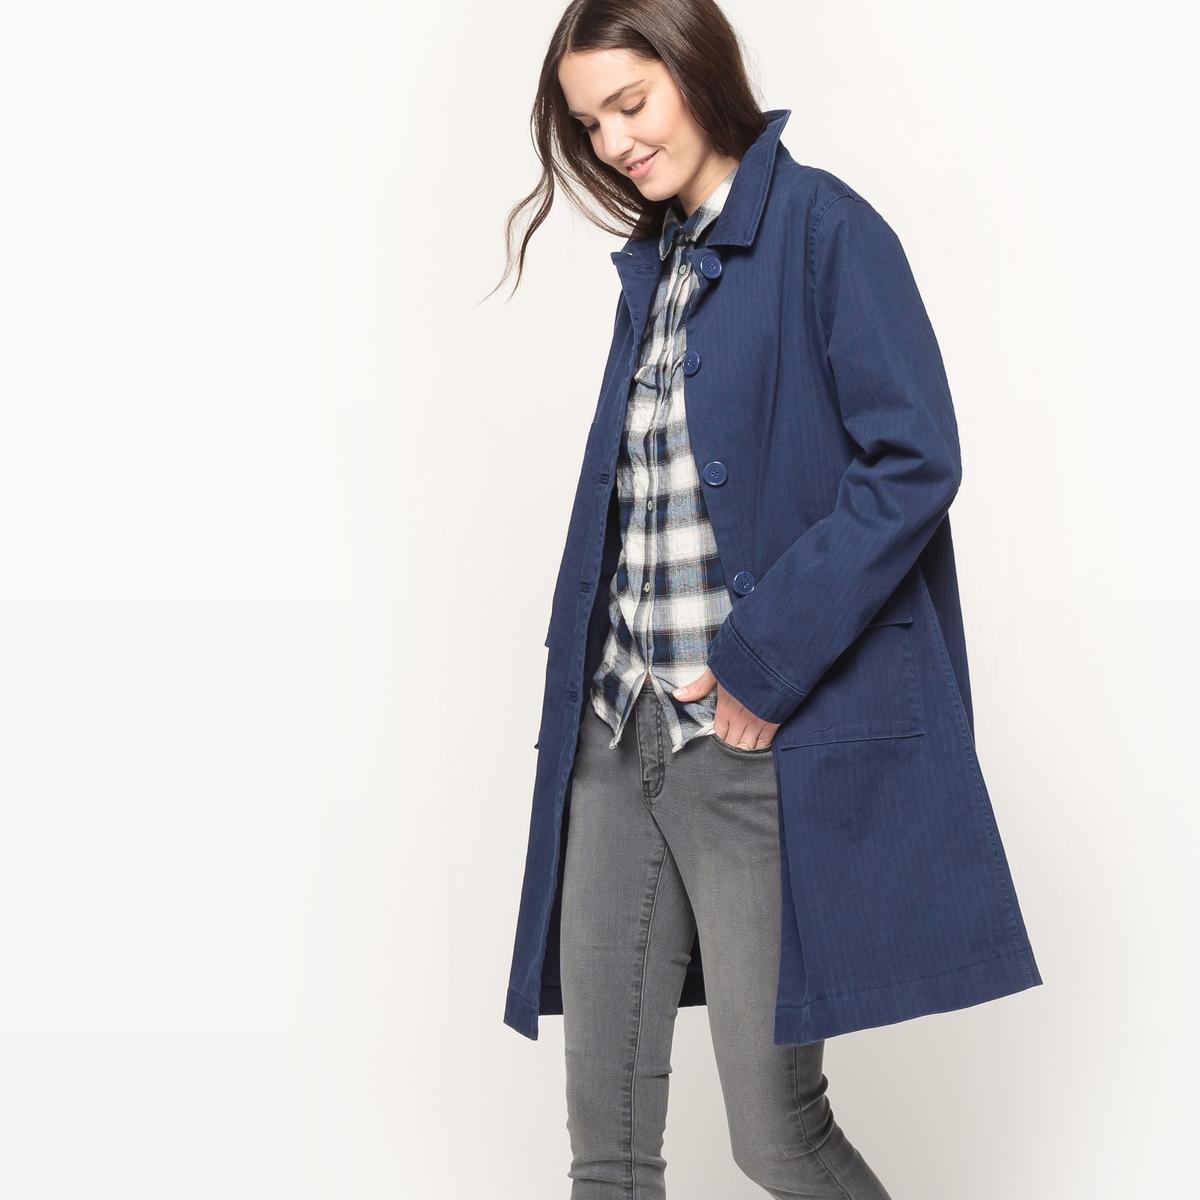 Пальто длинное с зигзагообразным рисунком пальто длинное с зигзагообразным рисунком